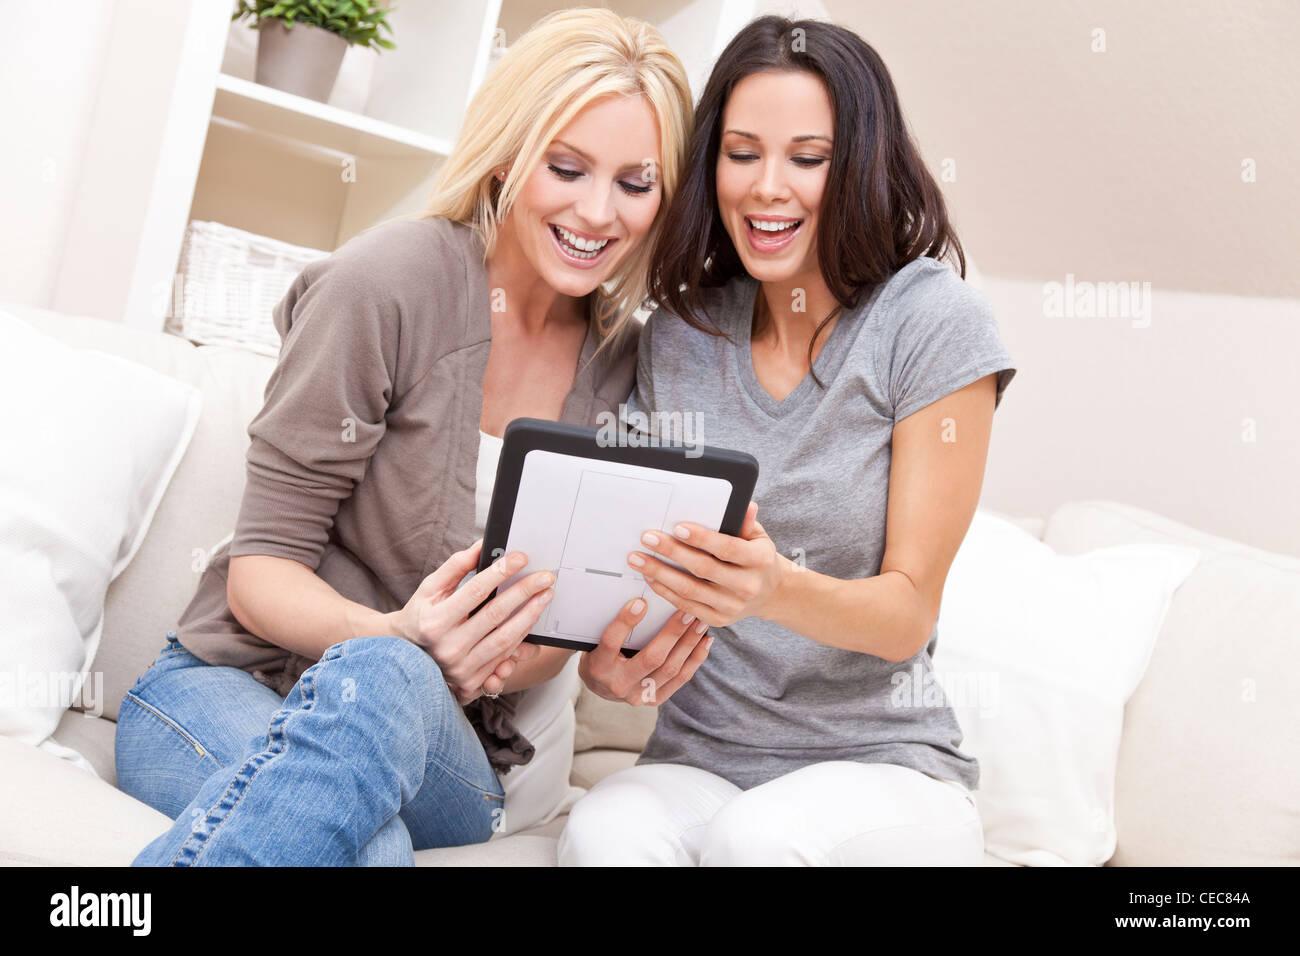 Fotografia aerea di due belle giovani donne a casa seduti sul divano divano  o utilizzando un 5e13cbac972a